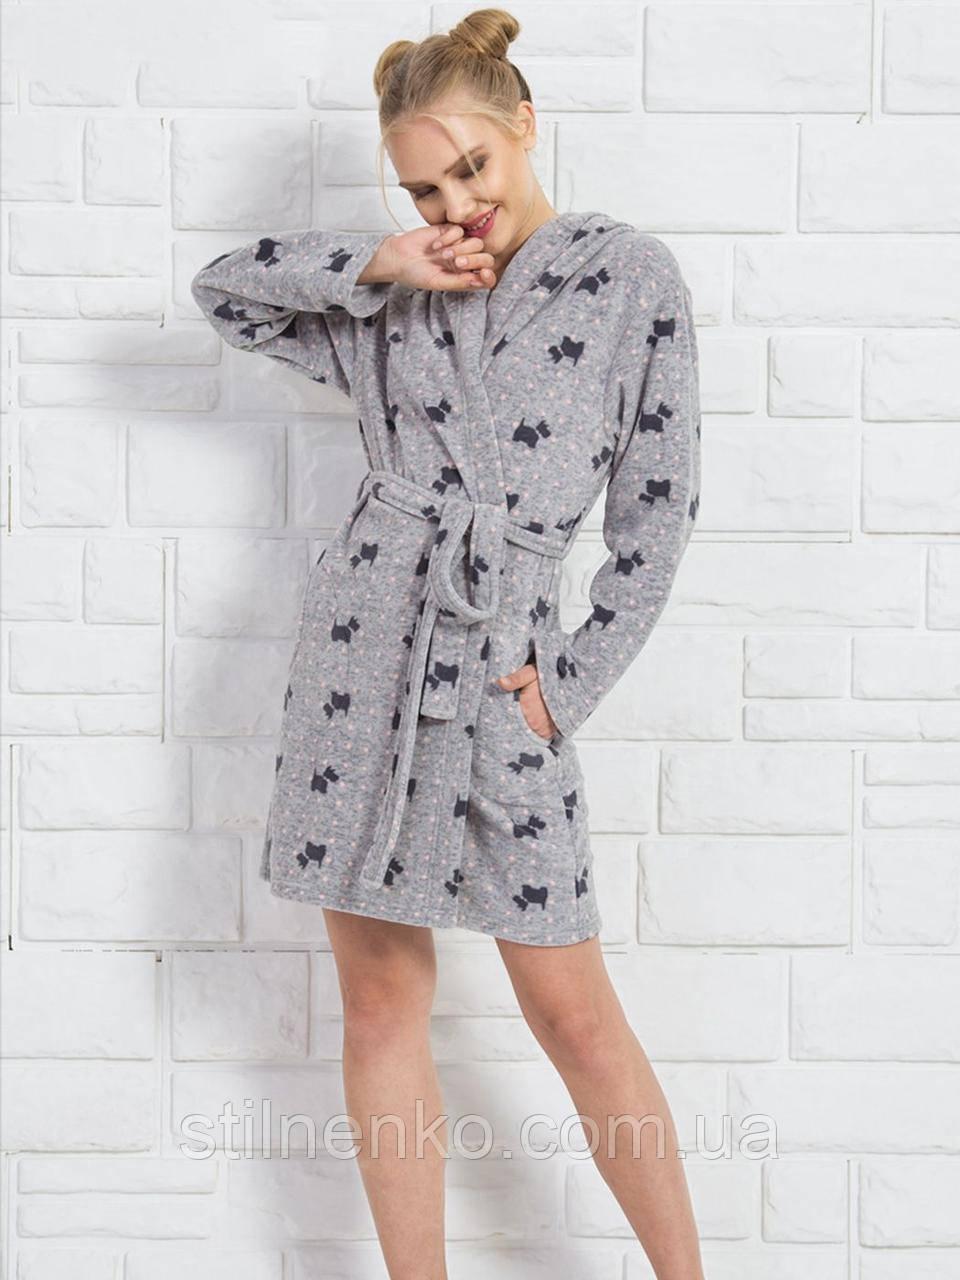 Женский халат  с изображением маленьких собачек